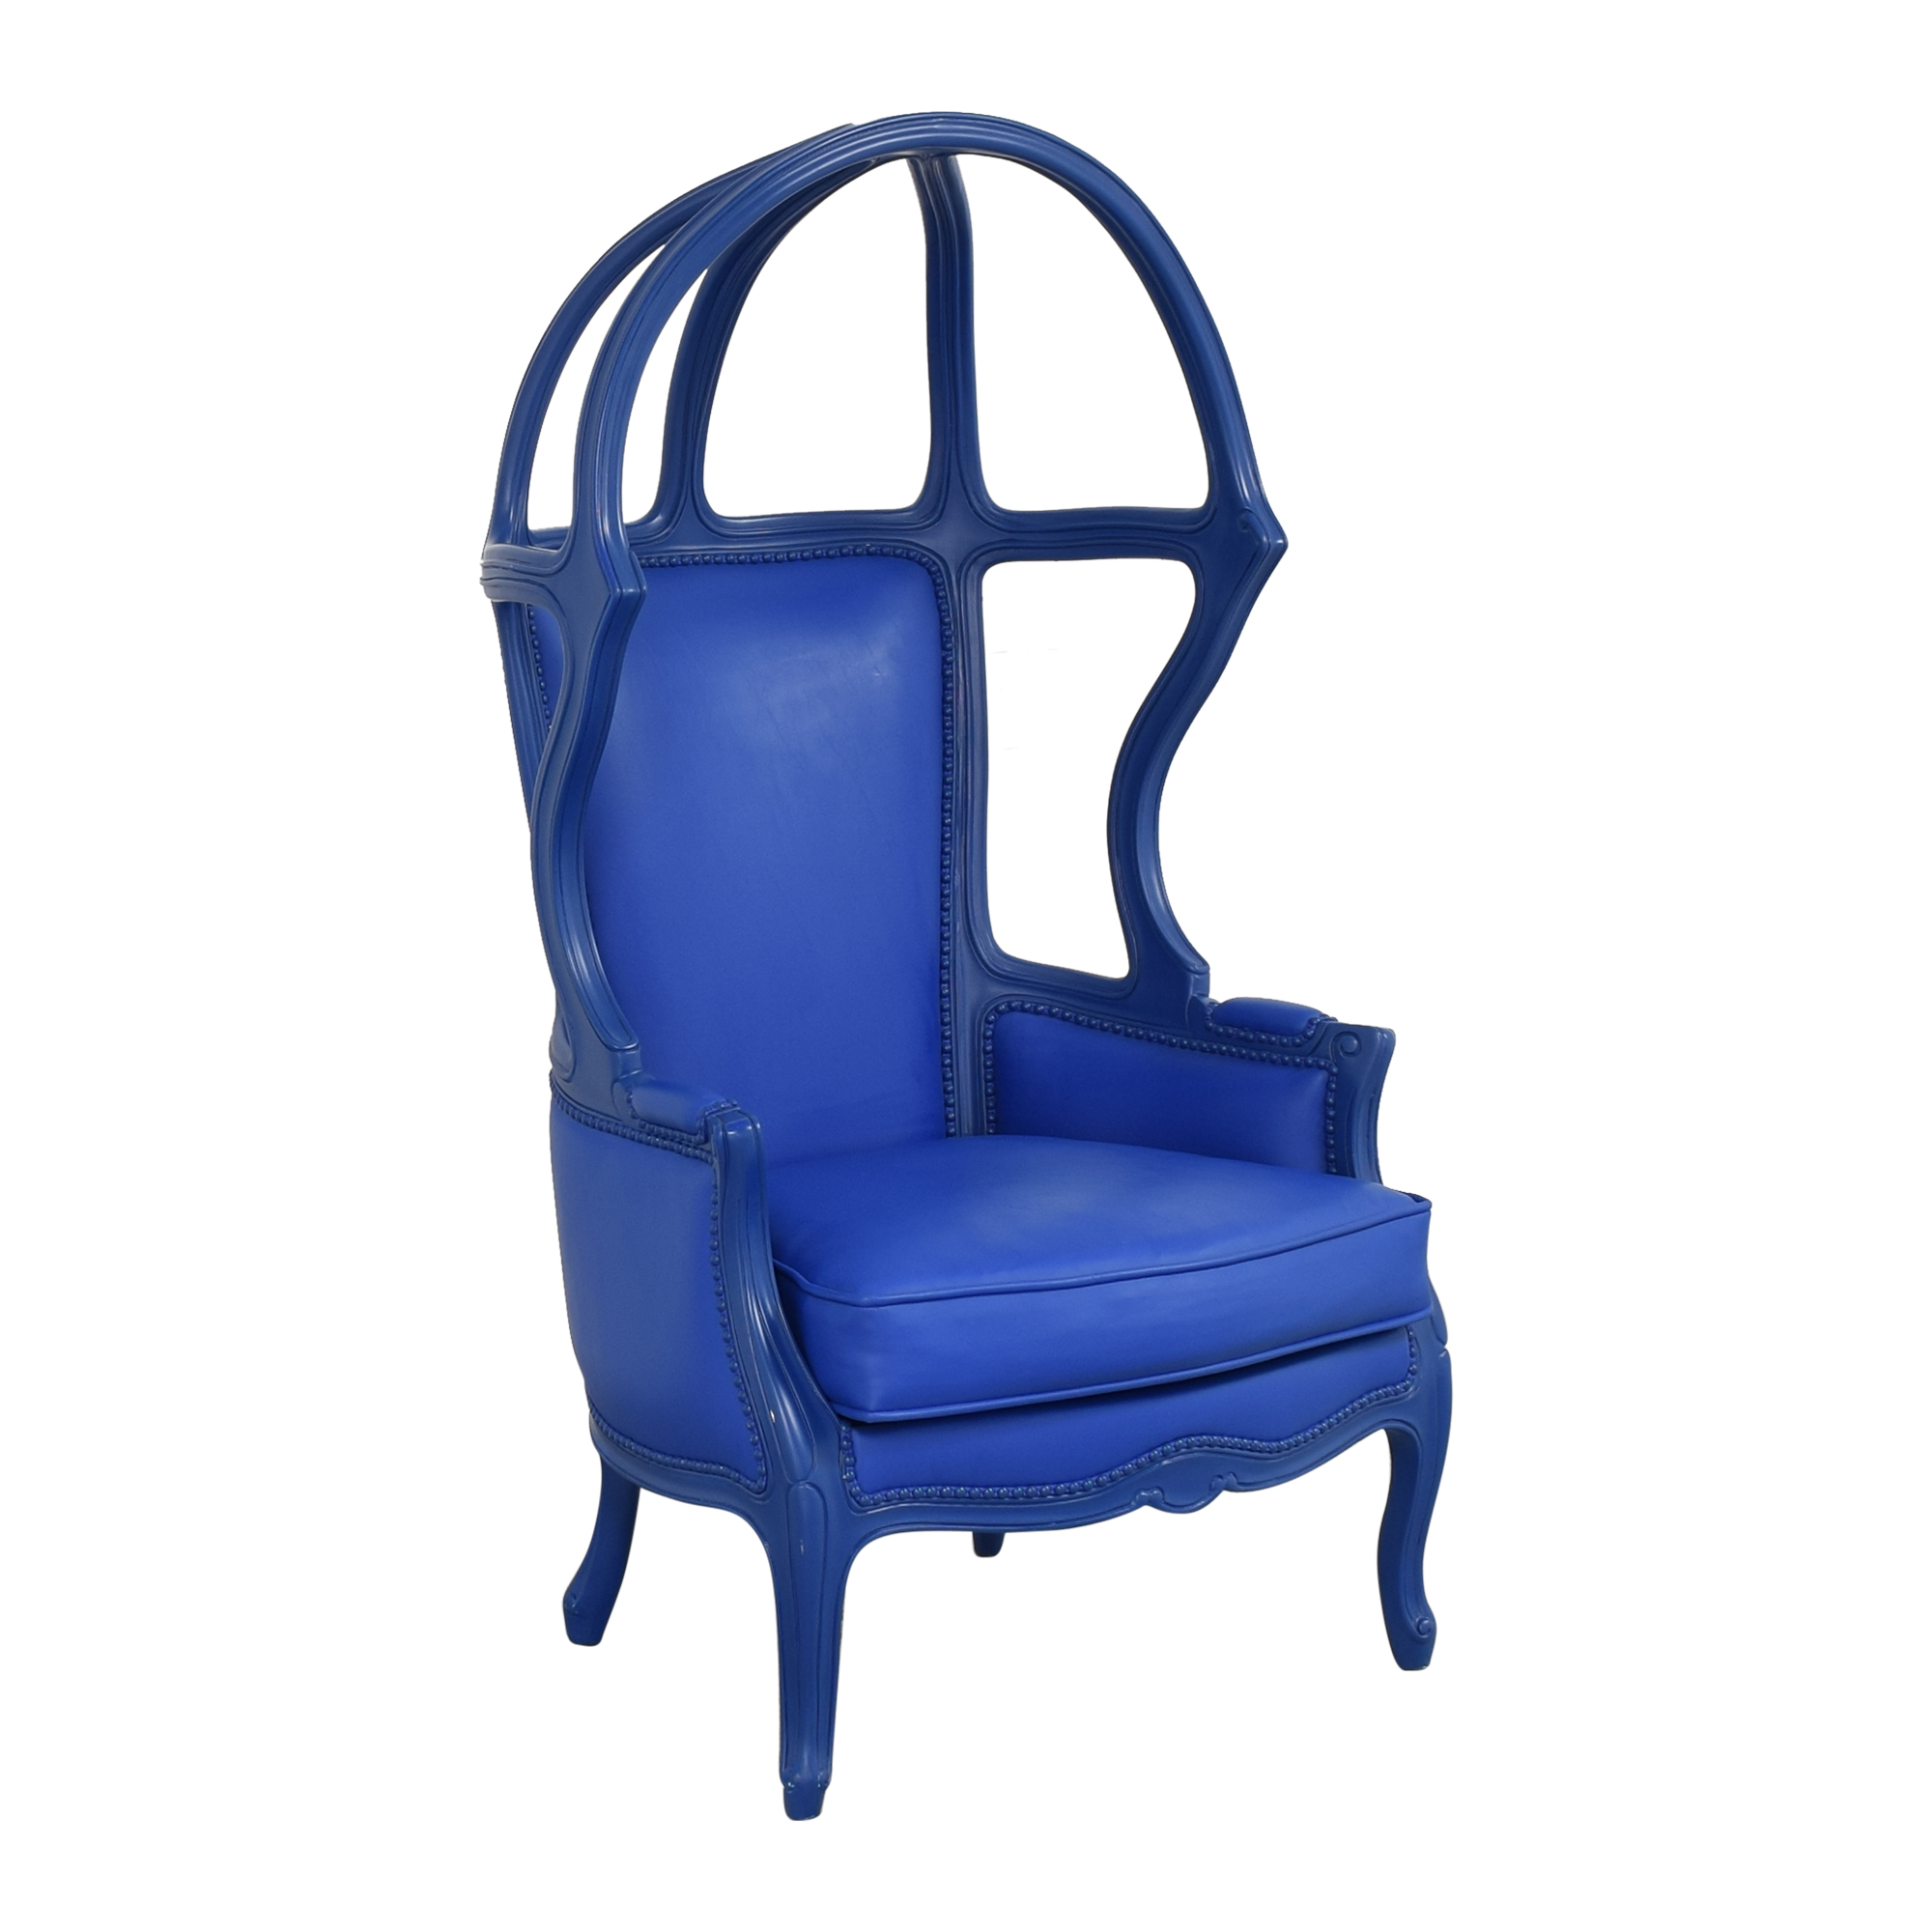 POLaRT POLaRT Open Dome Chair Chairs